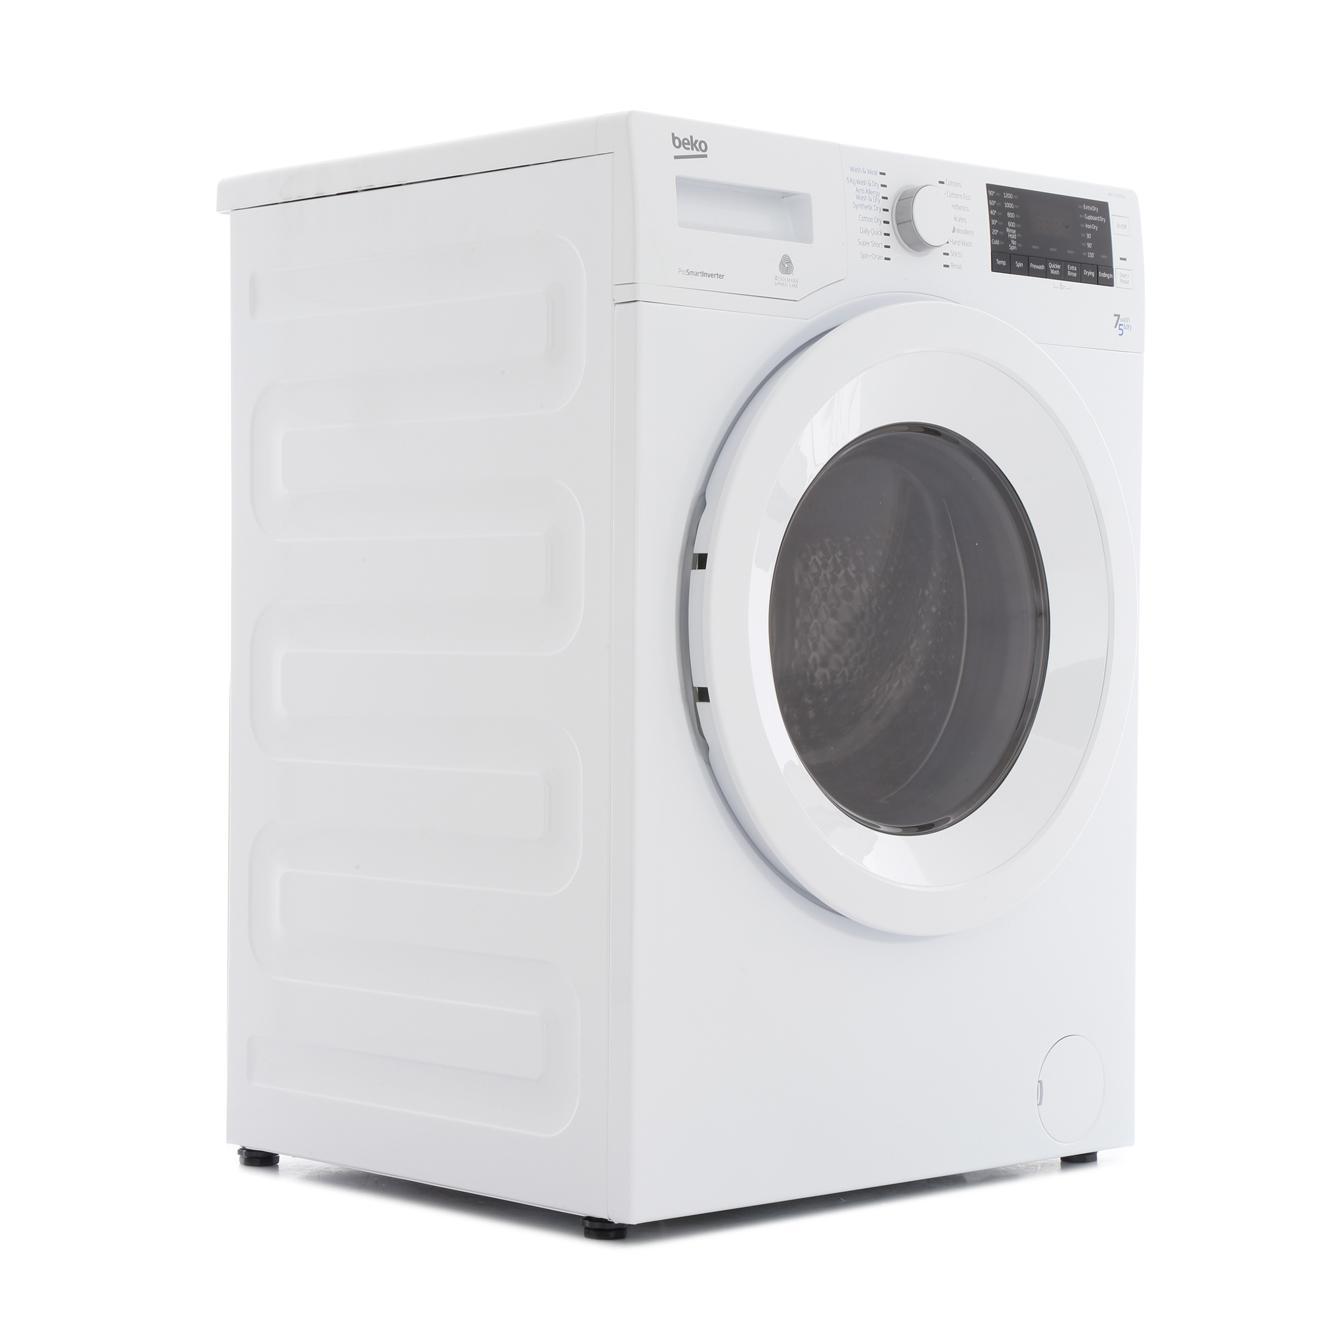 Beko WDC7523002W Washer Dryer